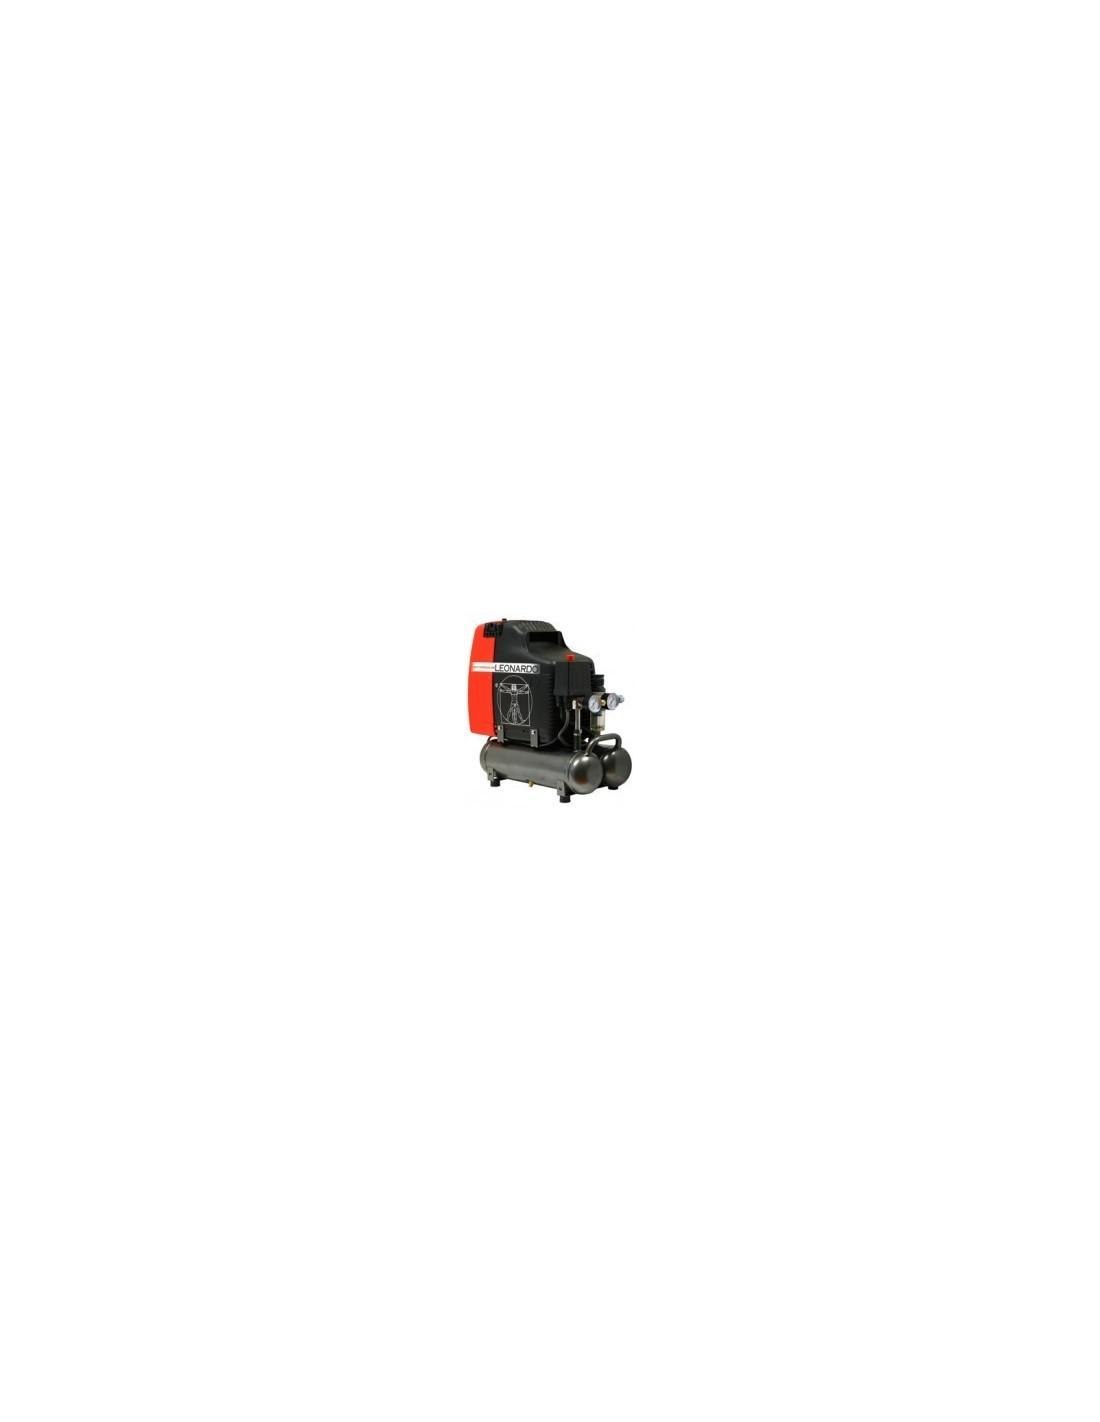 VKZ00107 - Kompressorer - Kompressor Leonardo med ackumulatortank